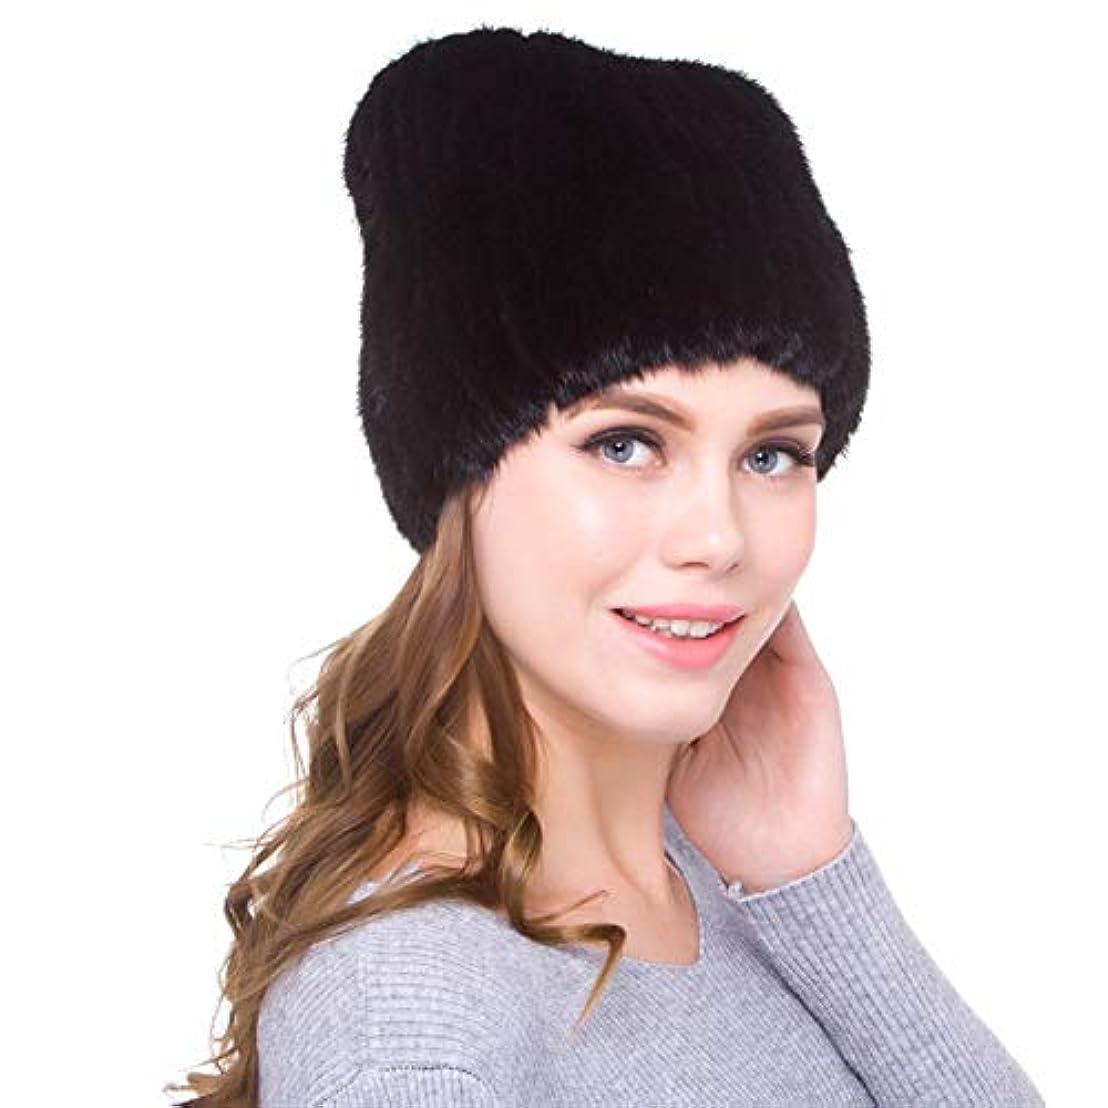 車両争う純正ACAO 女性のミンクの毛皮の帽子ニットミンクのファッションの女性厚く暖かいニットキャップ (色 : ブラック, Size : M)